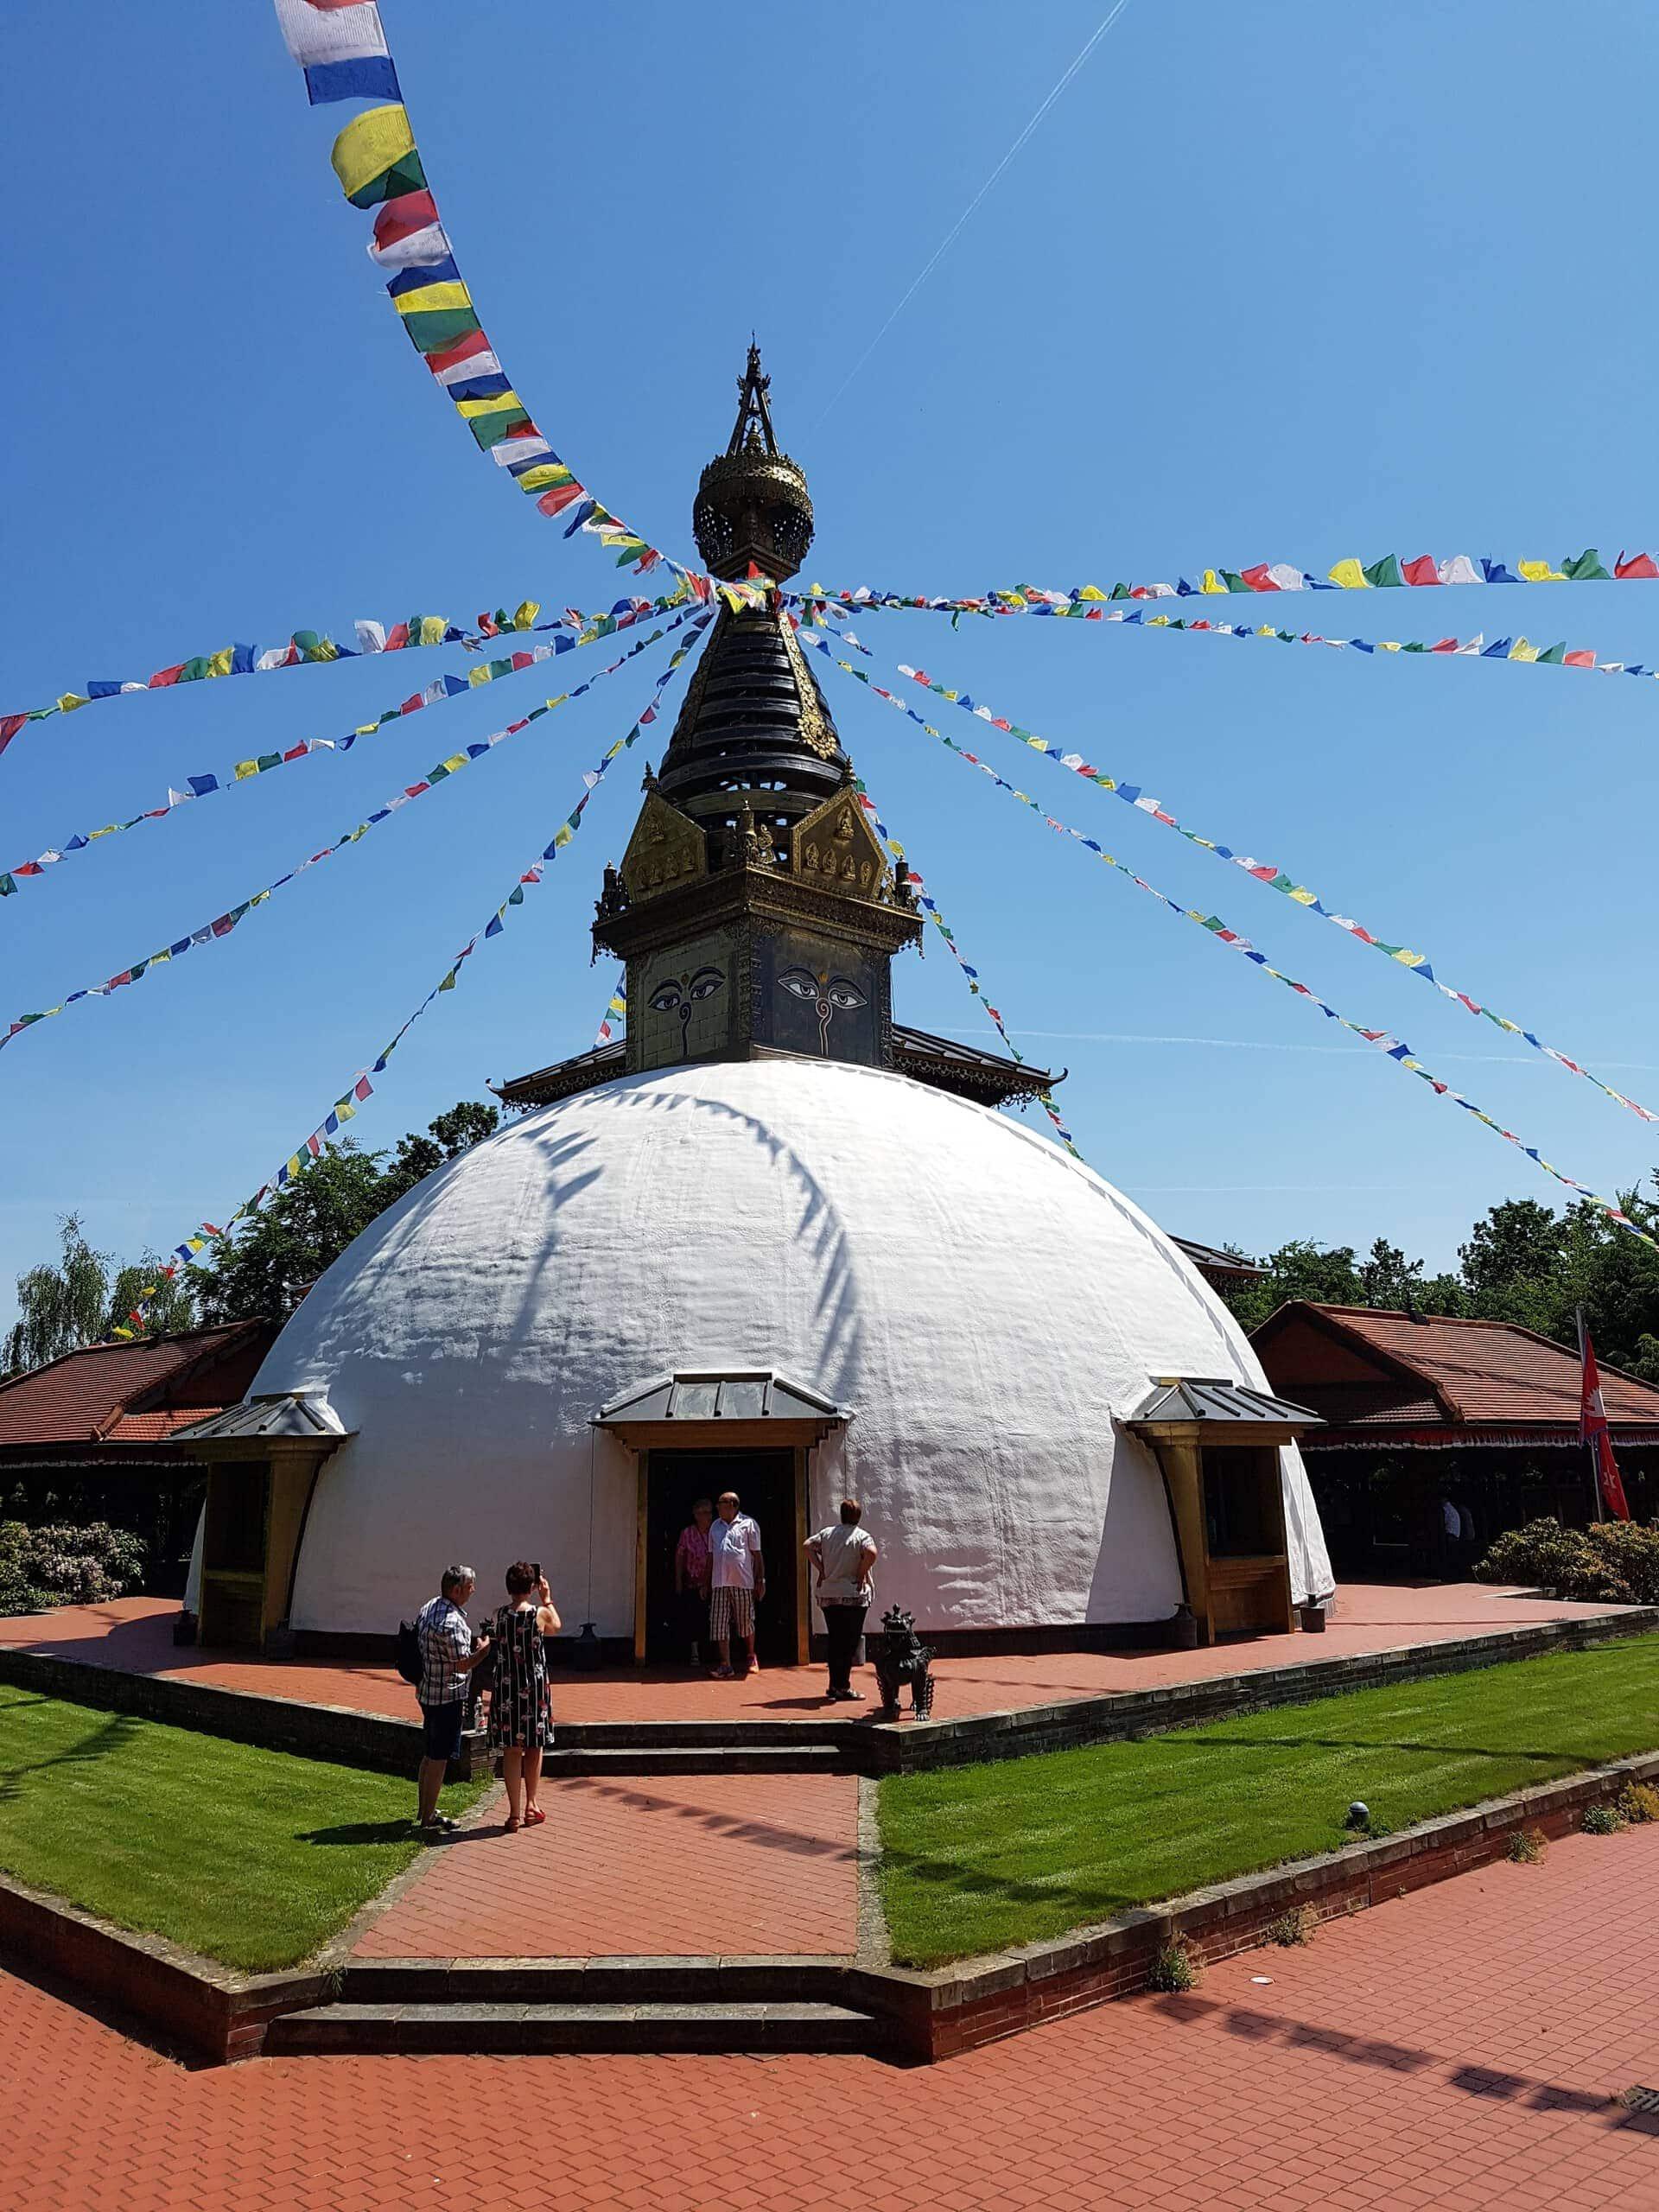 Blizz Leserreporter Ausflugstipp Nr. 2 - Der Nepal-Himalaya-Tempel in der Nähe von Wiesent